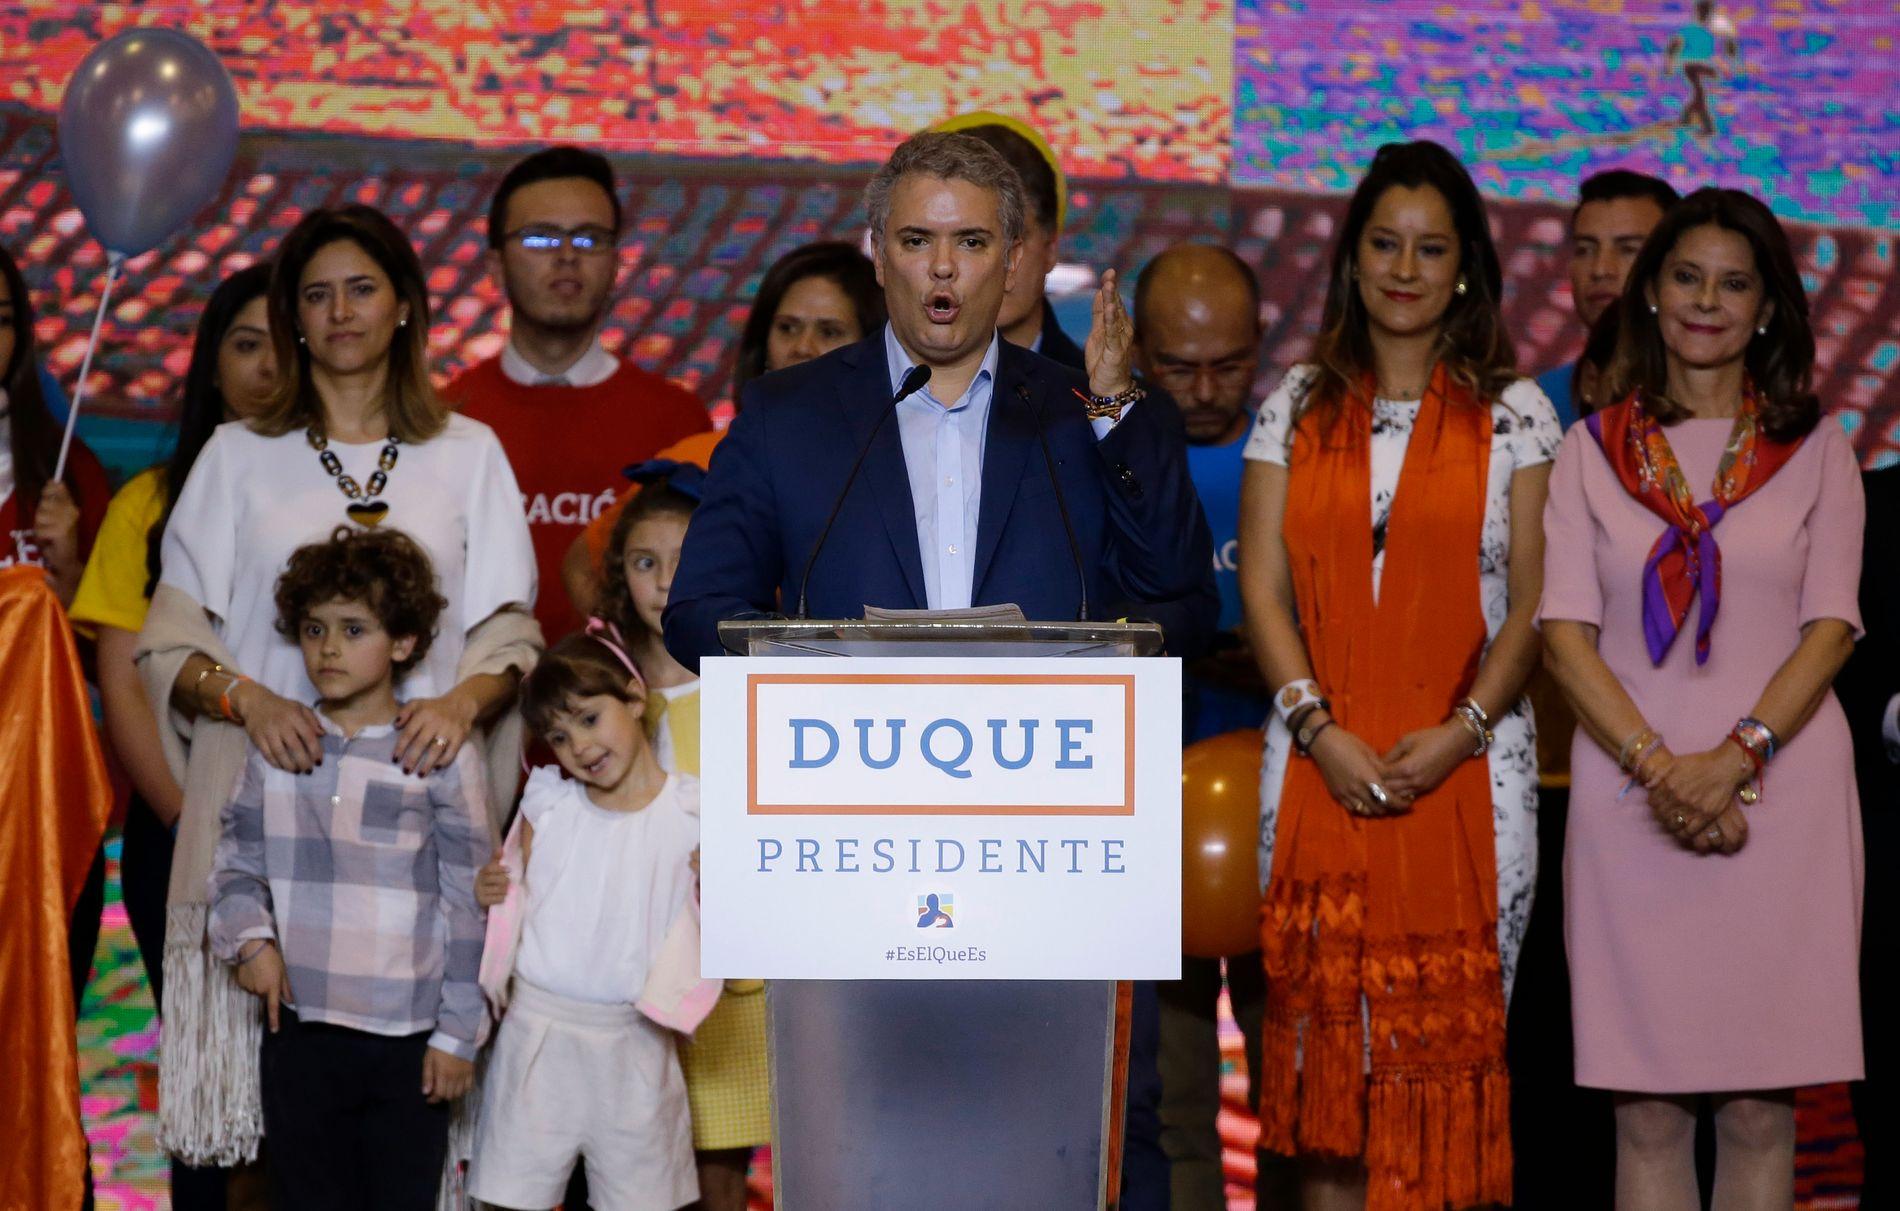 OVERLEVER FREDEN? – Den mektige høyrepolitikeren Álvaro Uribe var avgjørende for valgseieren til Ivan Duque. Men om Duque blir Uribes nikkedokke gjenstår å se, skriver kronikkforfatterne.